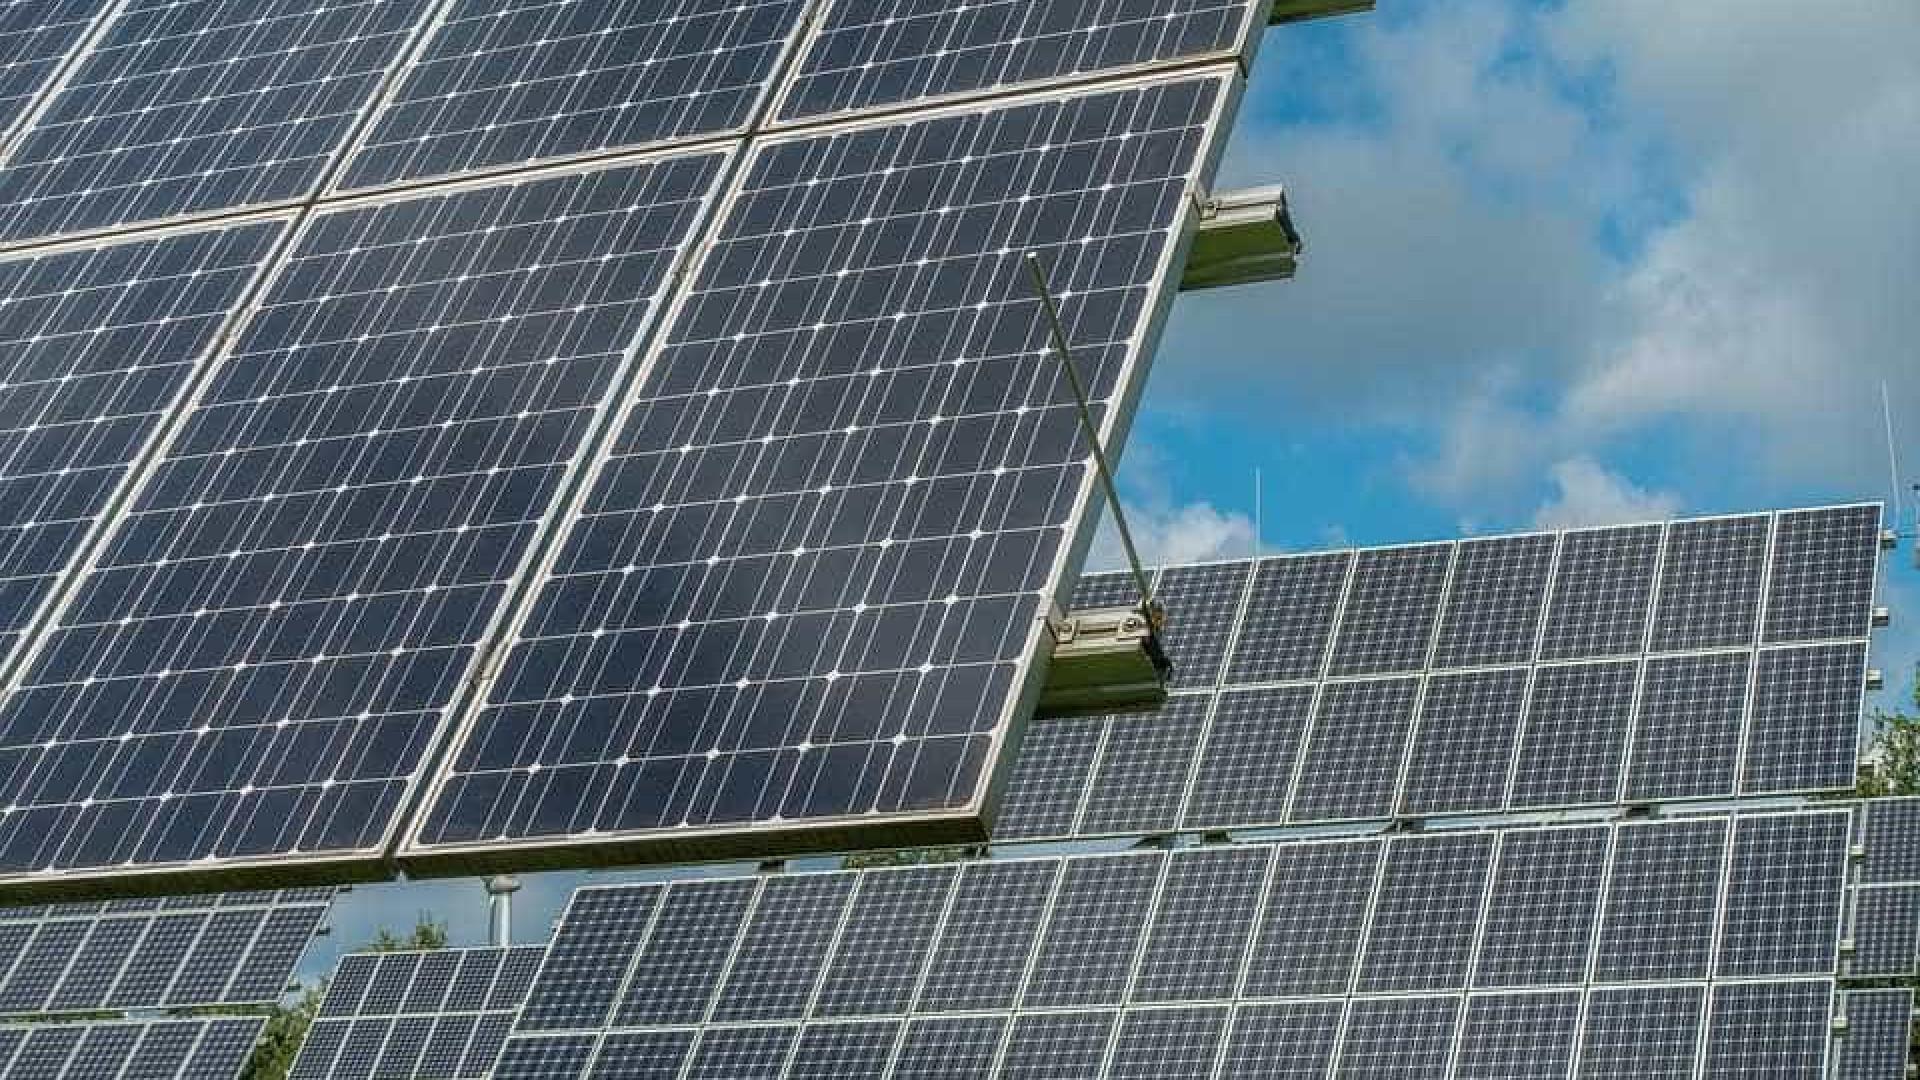 Energia solar ruma para liderança no País até 2050